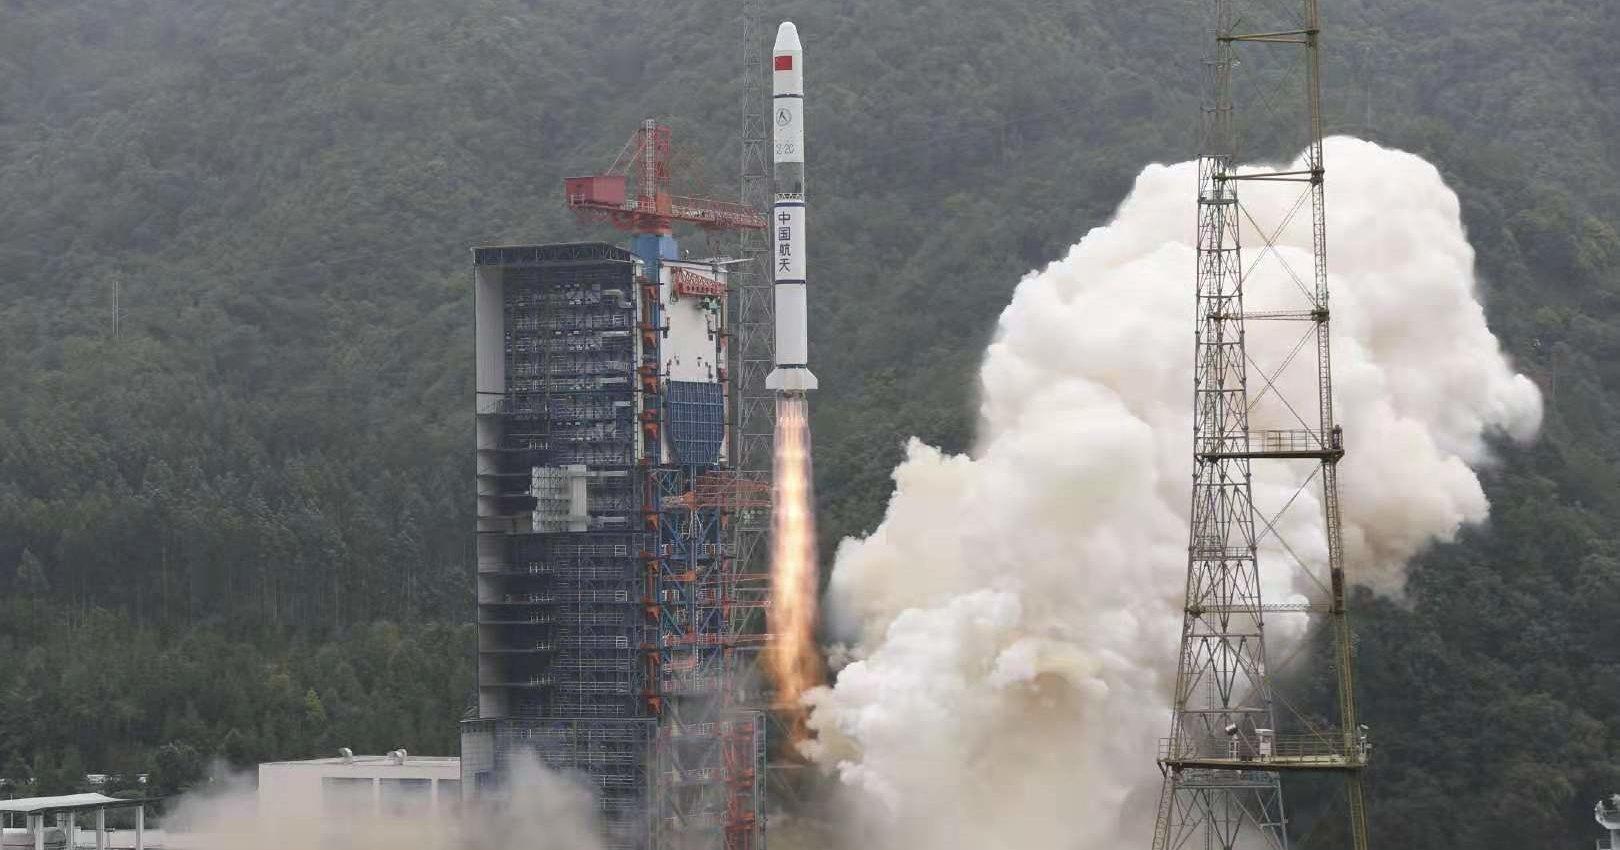 Китай успешно запустил шпионские спутники и контролируемо уронил ракету